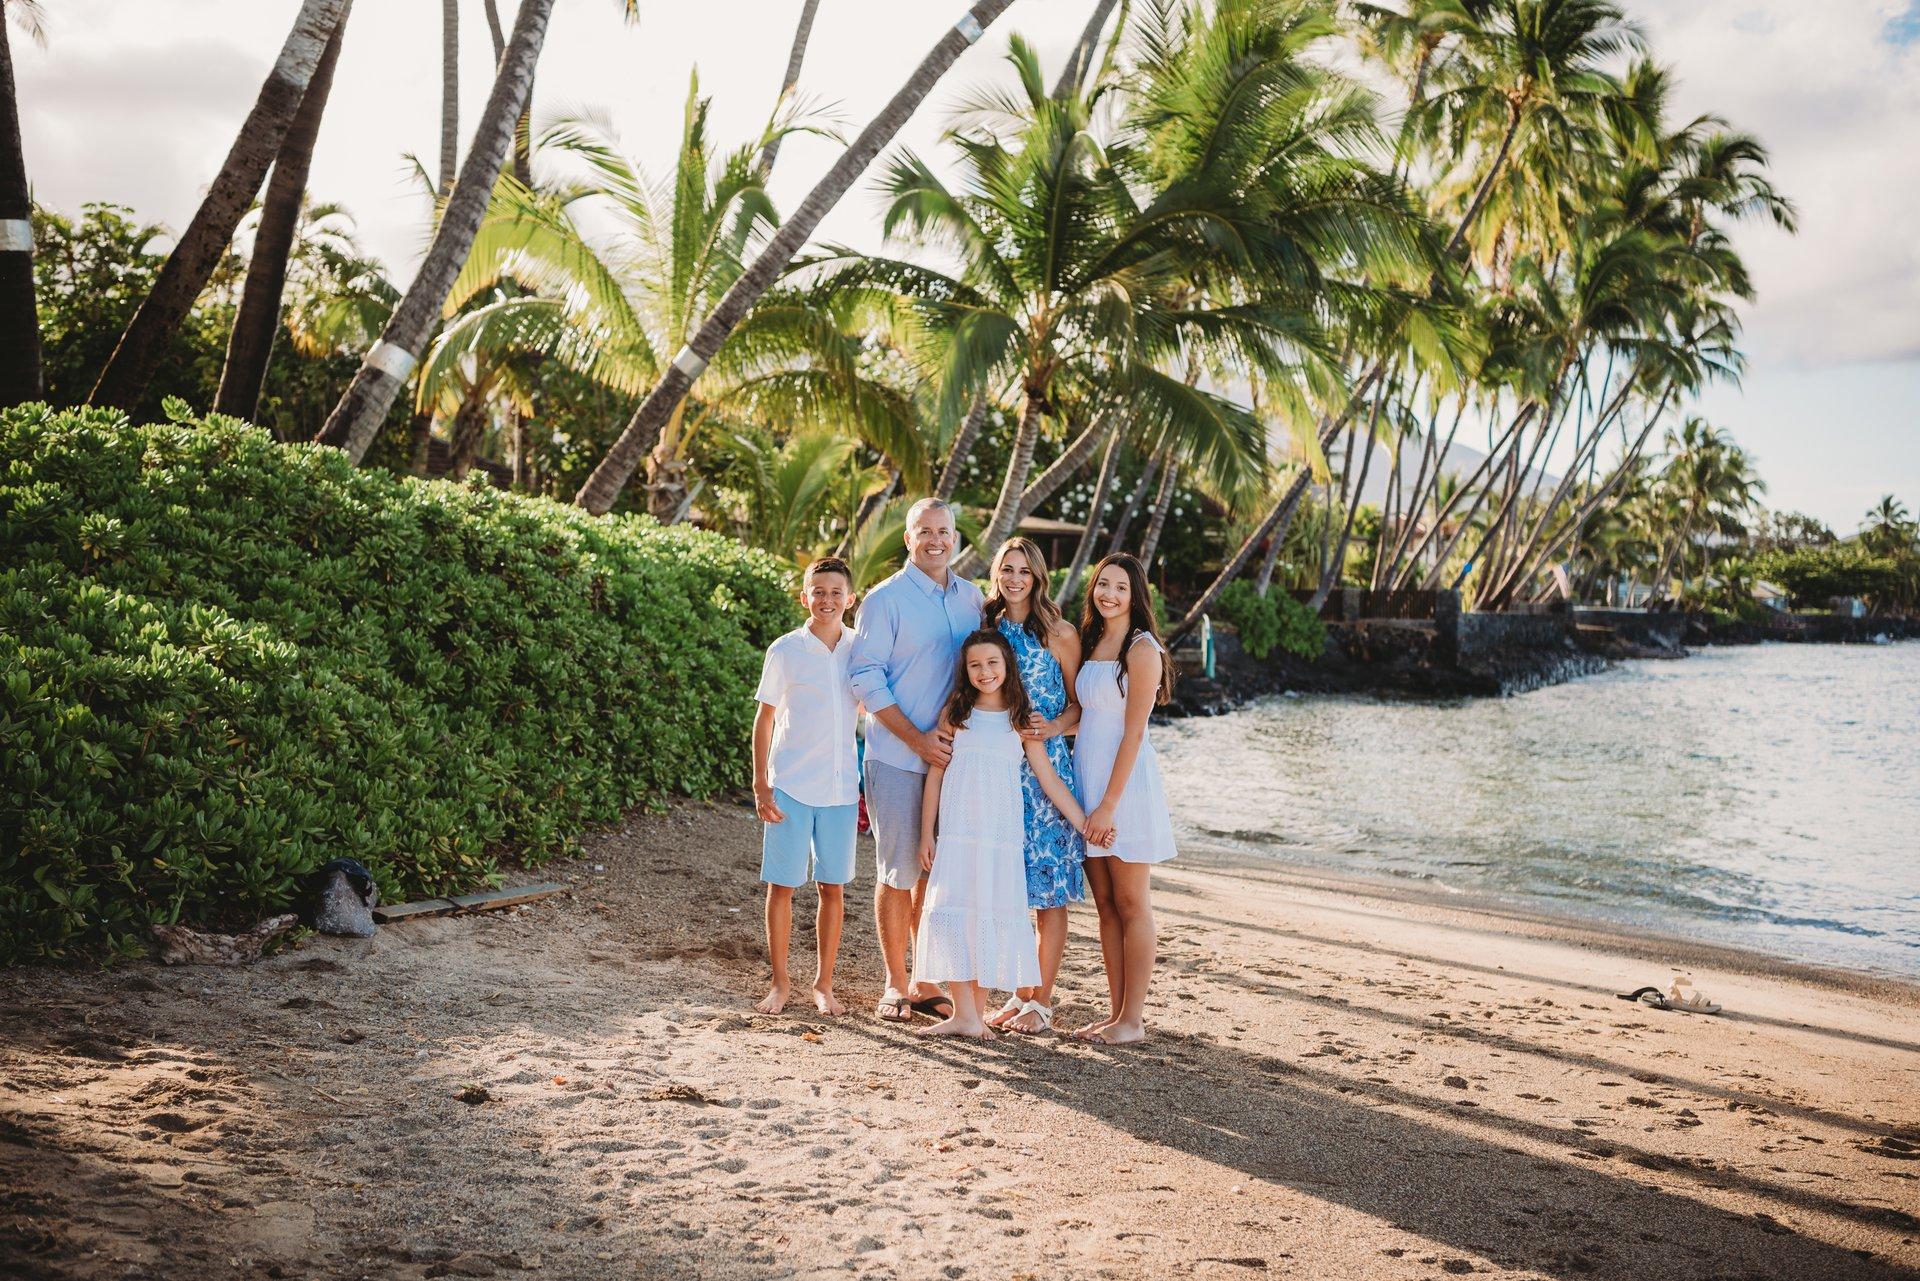 Flytographer Travel Story - Maui Family Vacation